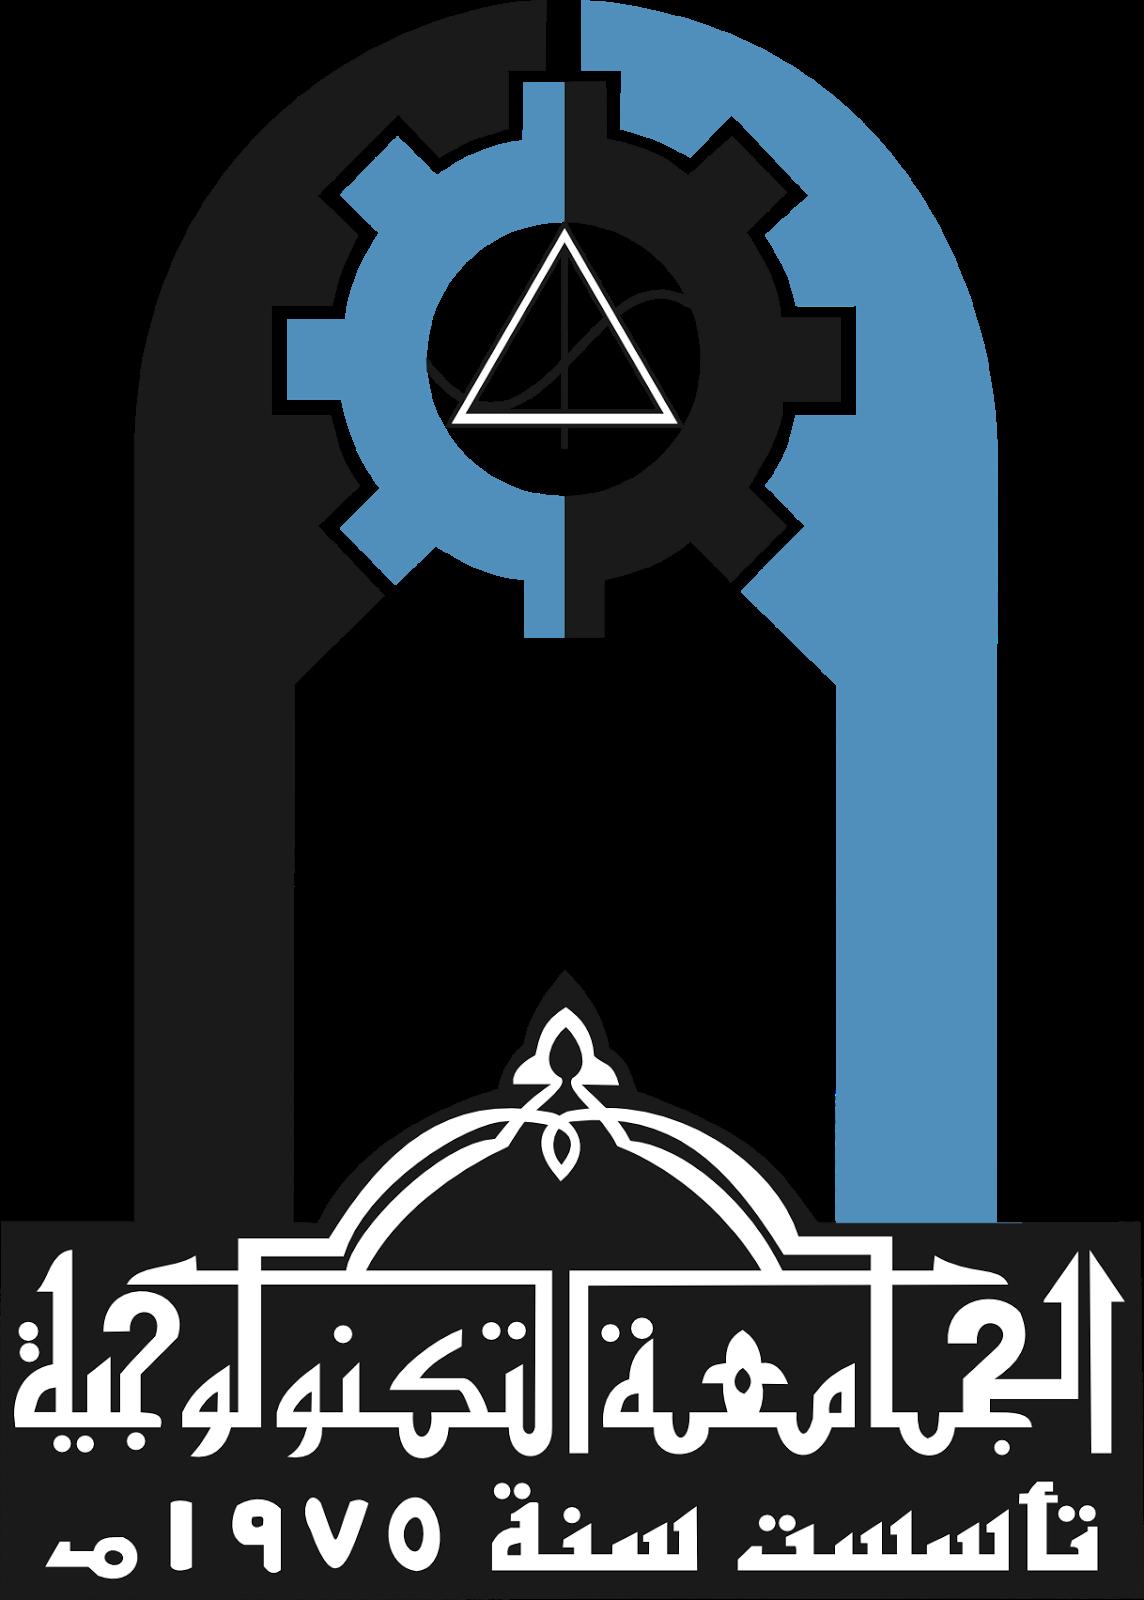 شعار الجامعة التكنولوجية UOT logo, Iraq, transparent background